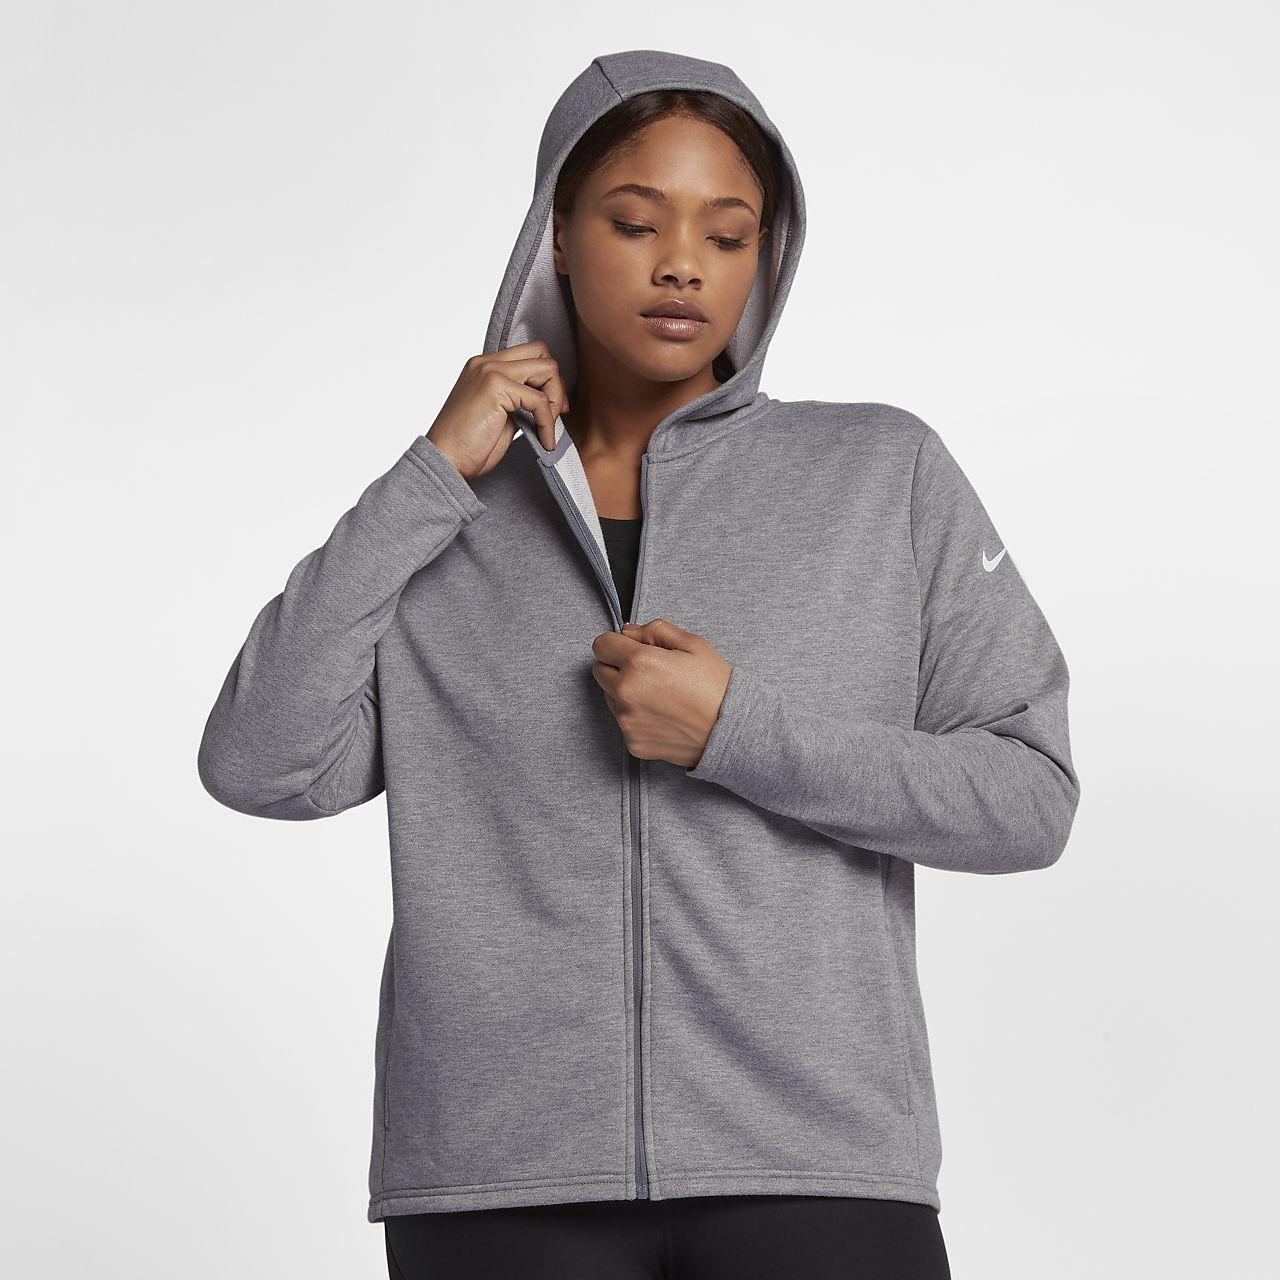 ... Nike Dri-FIT Women's Full-Zip Training Hoodie